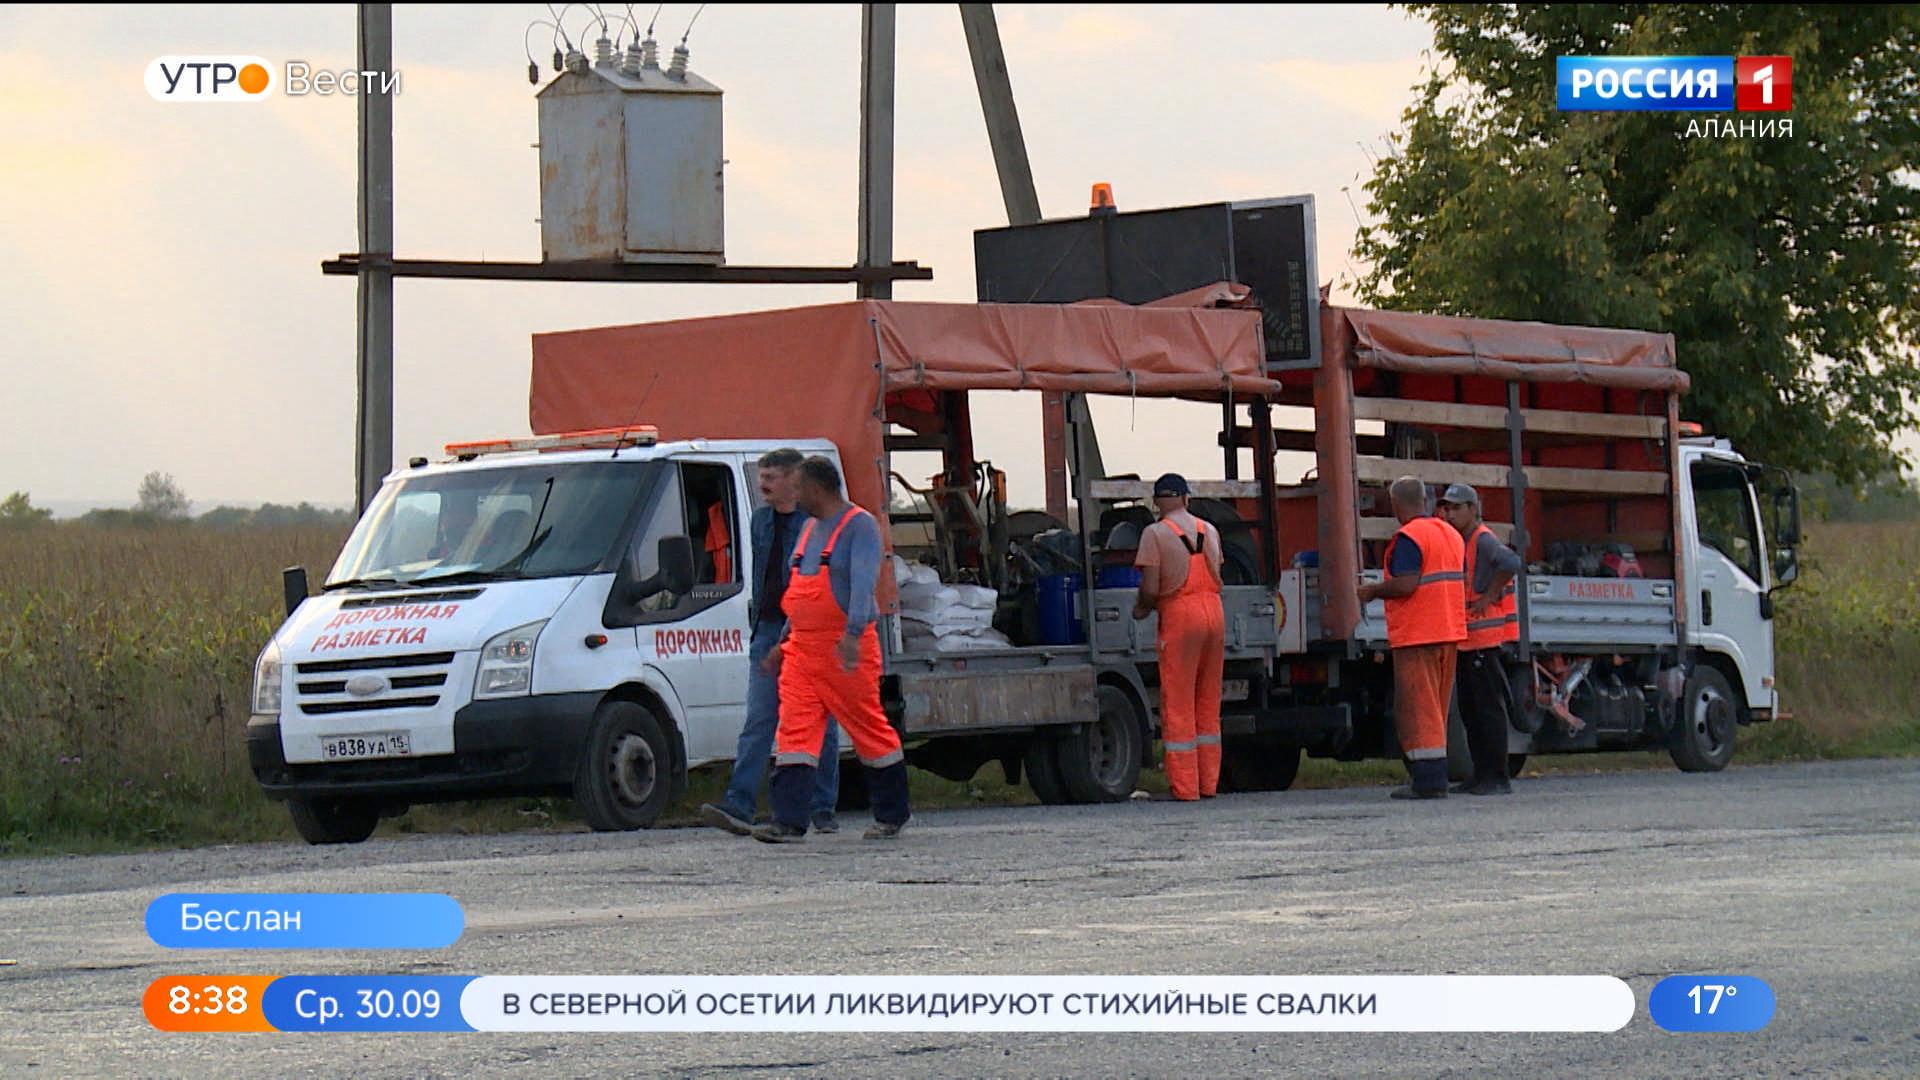 Во Владикавказе применяют инновационную краску для нанесения дорожной разметки